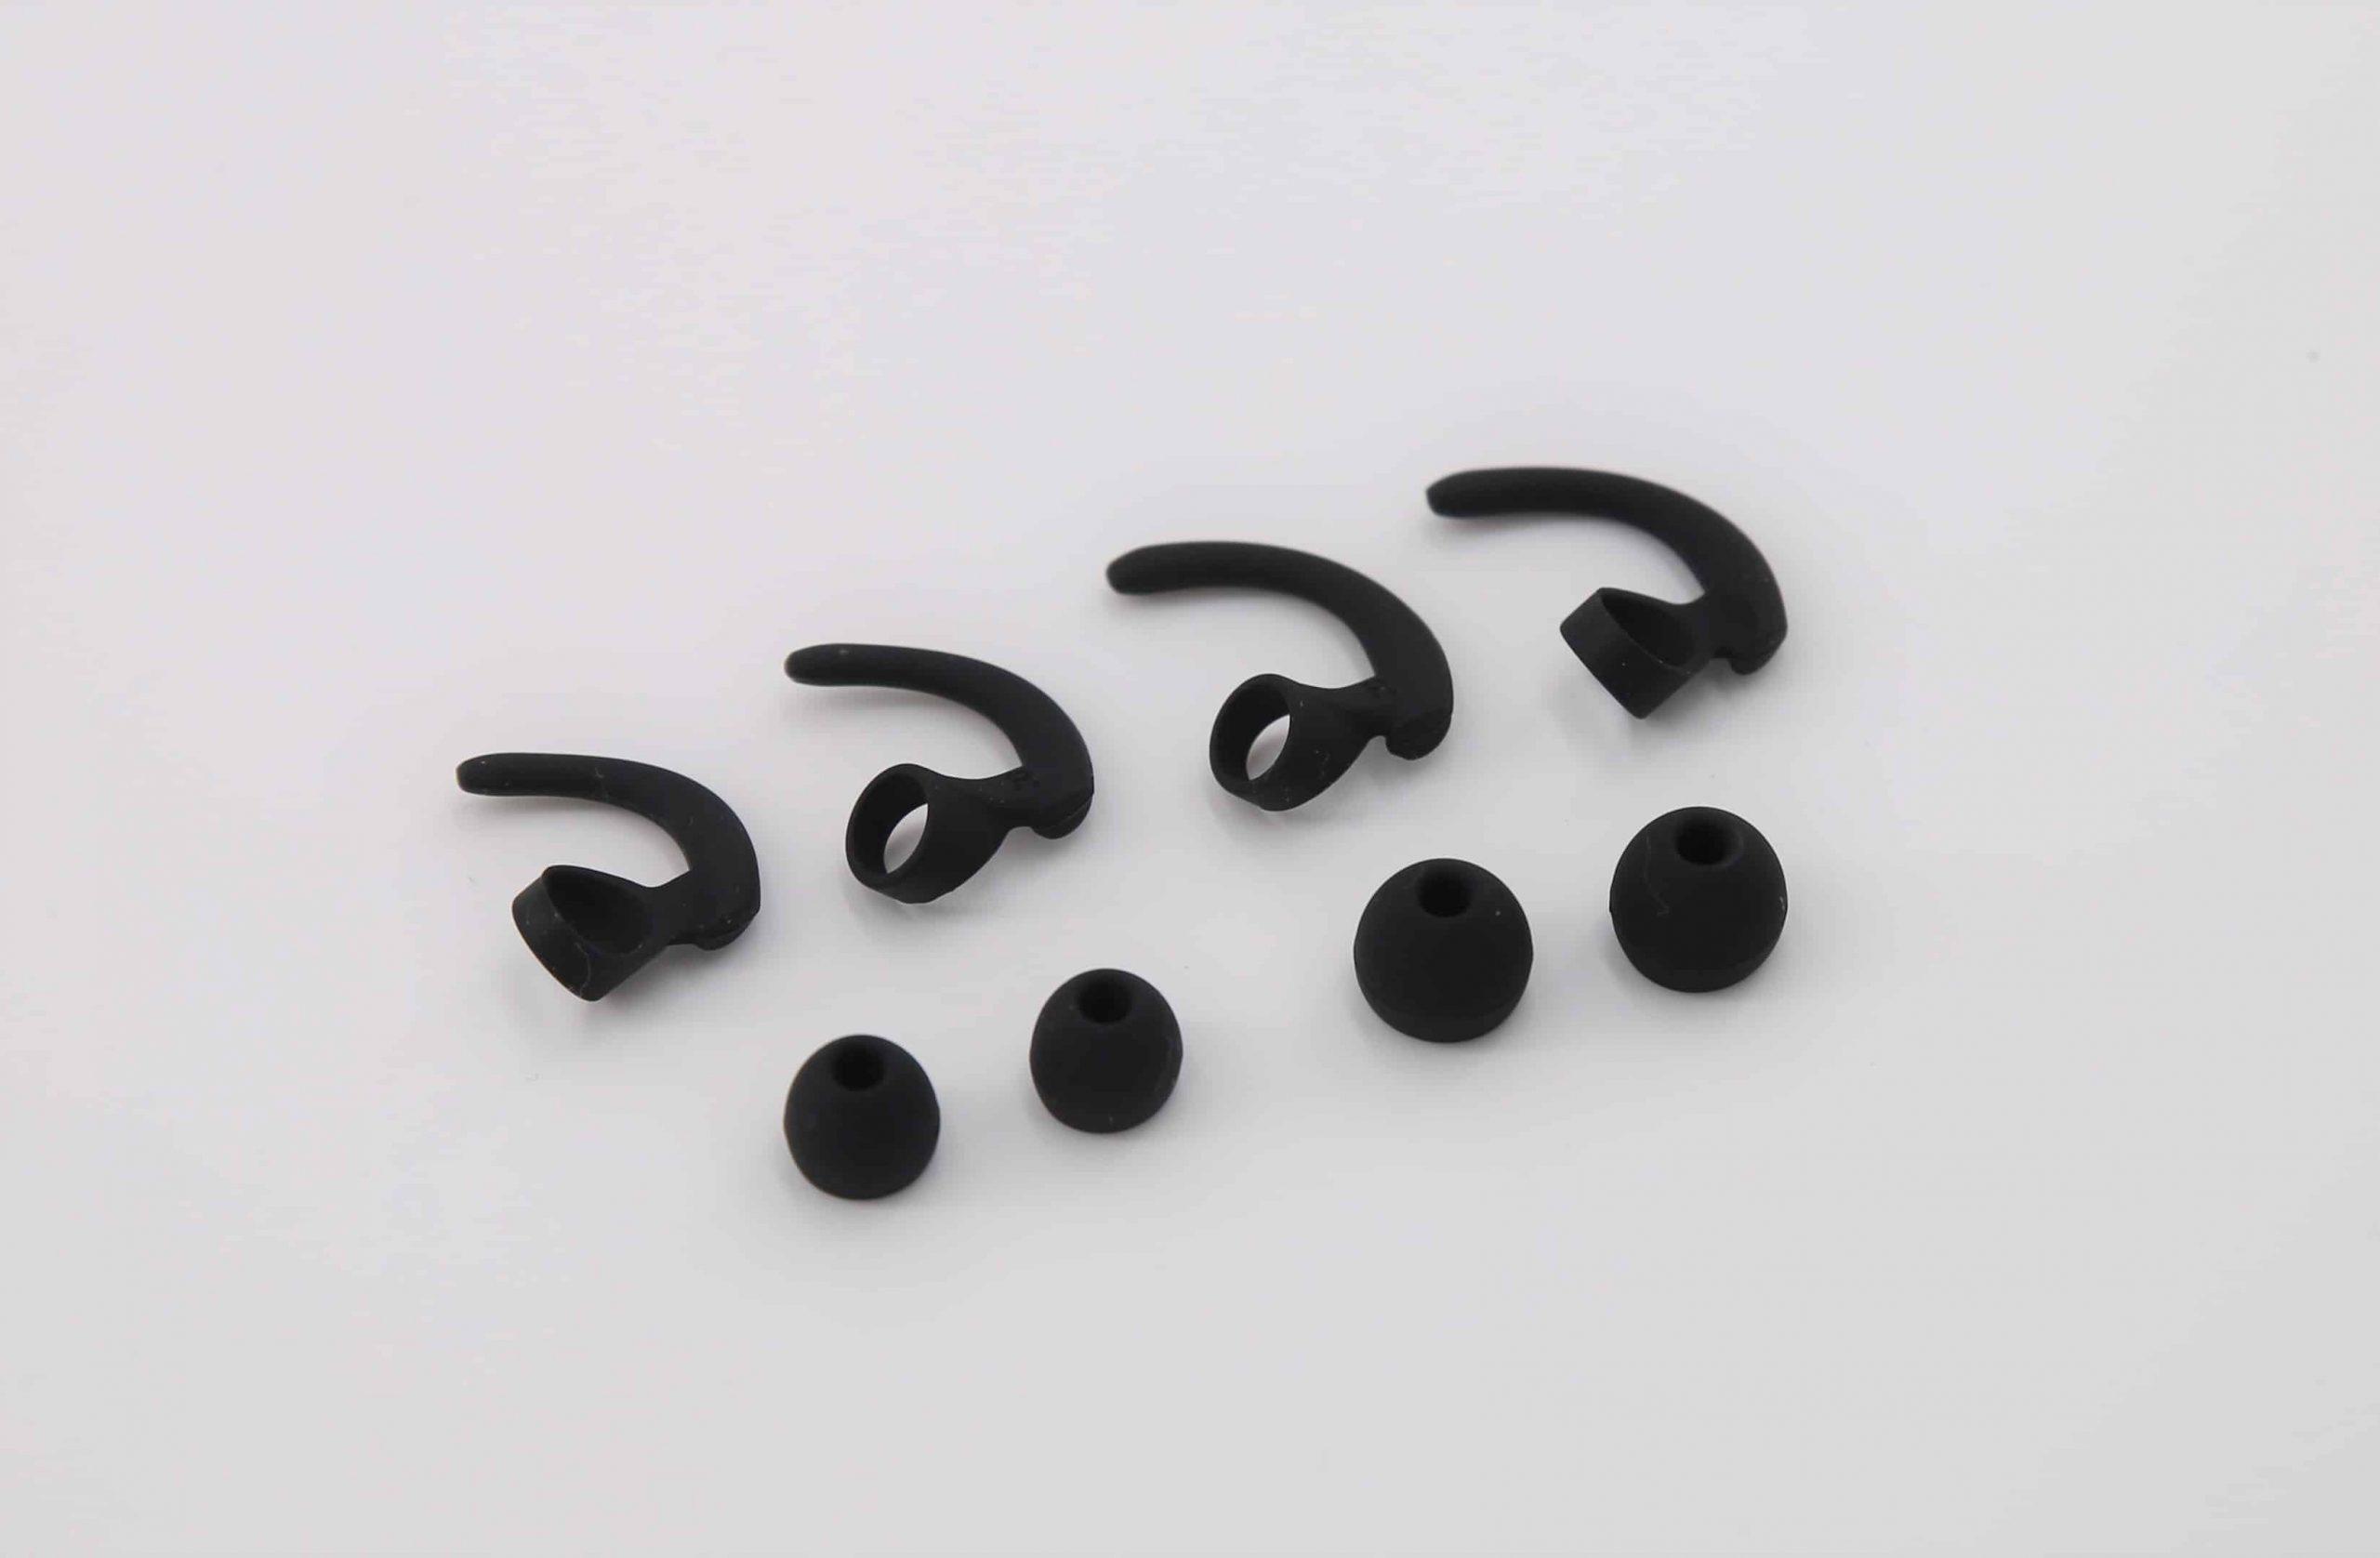 藍芽耳機CP值首選 - VAVA MOOV 28 耳勾與耳塞